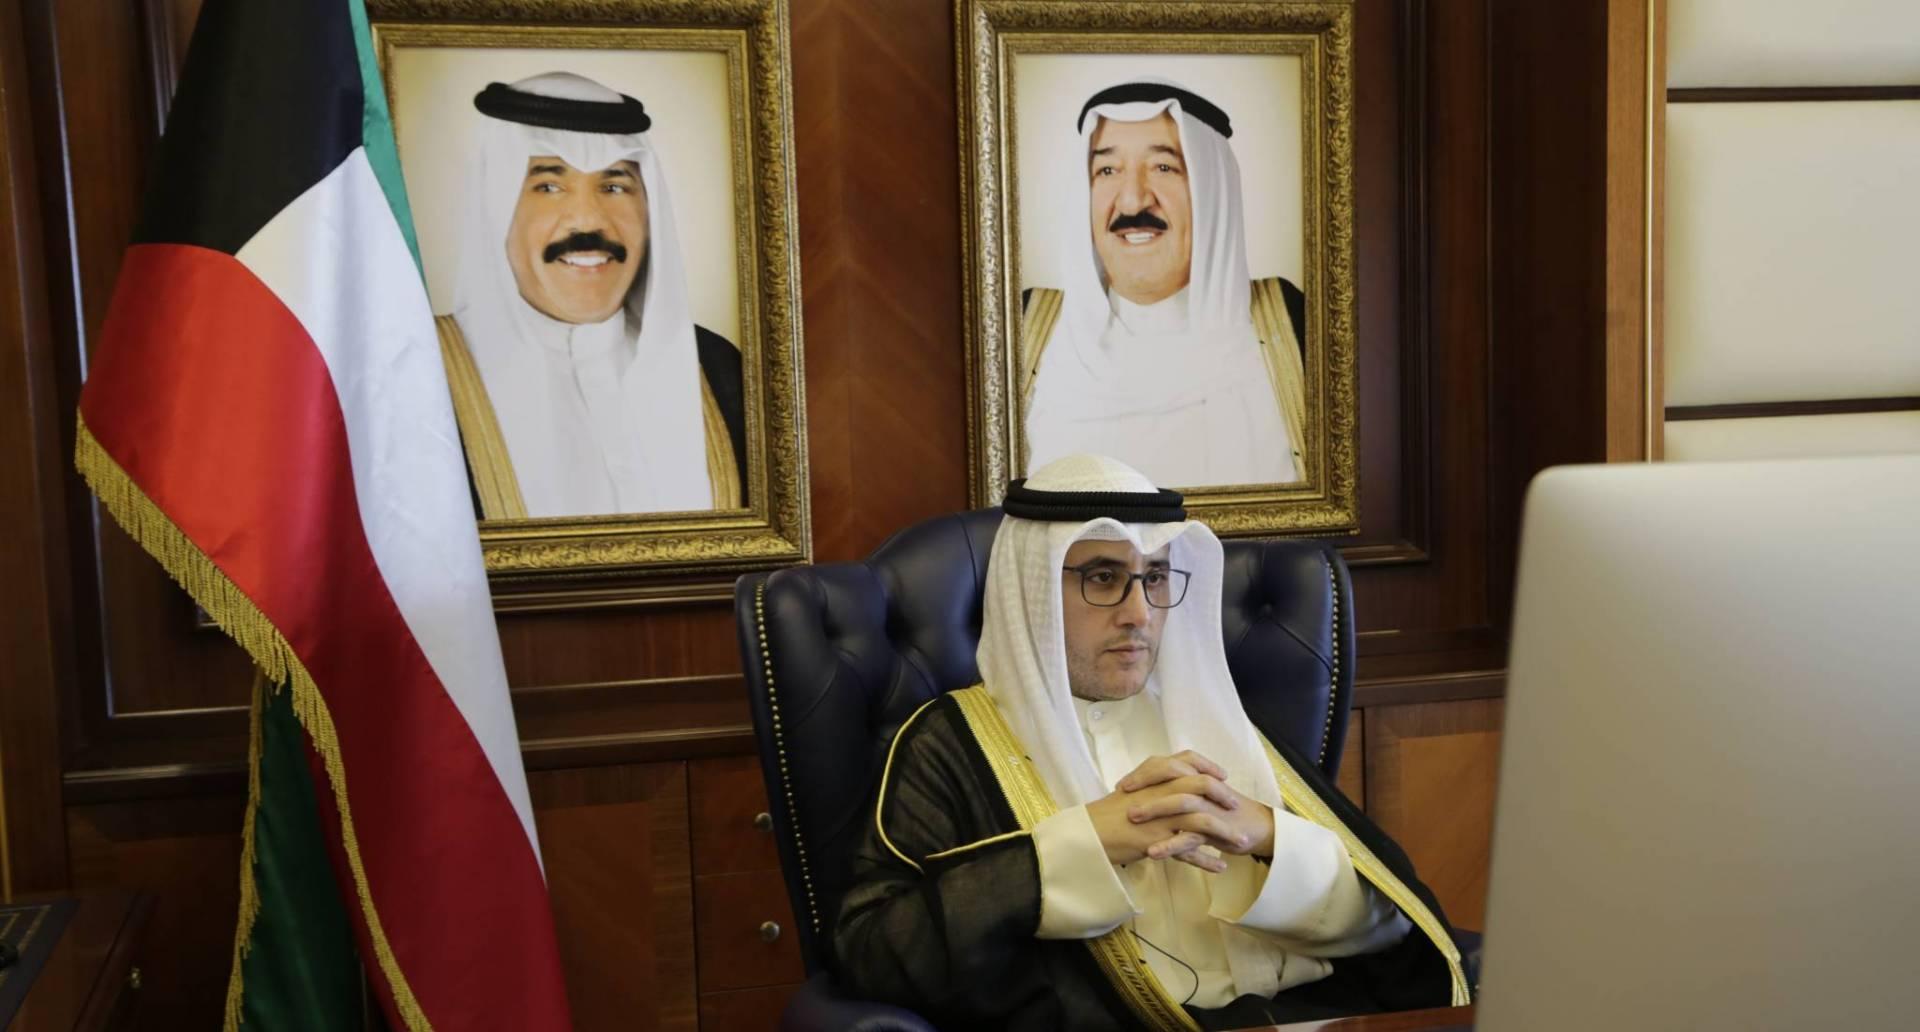 وزير الخارجية: الكويت مُلتزمة بدعم وكالة الأونروا سياسياً ومادياً